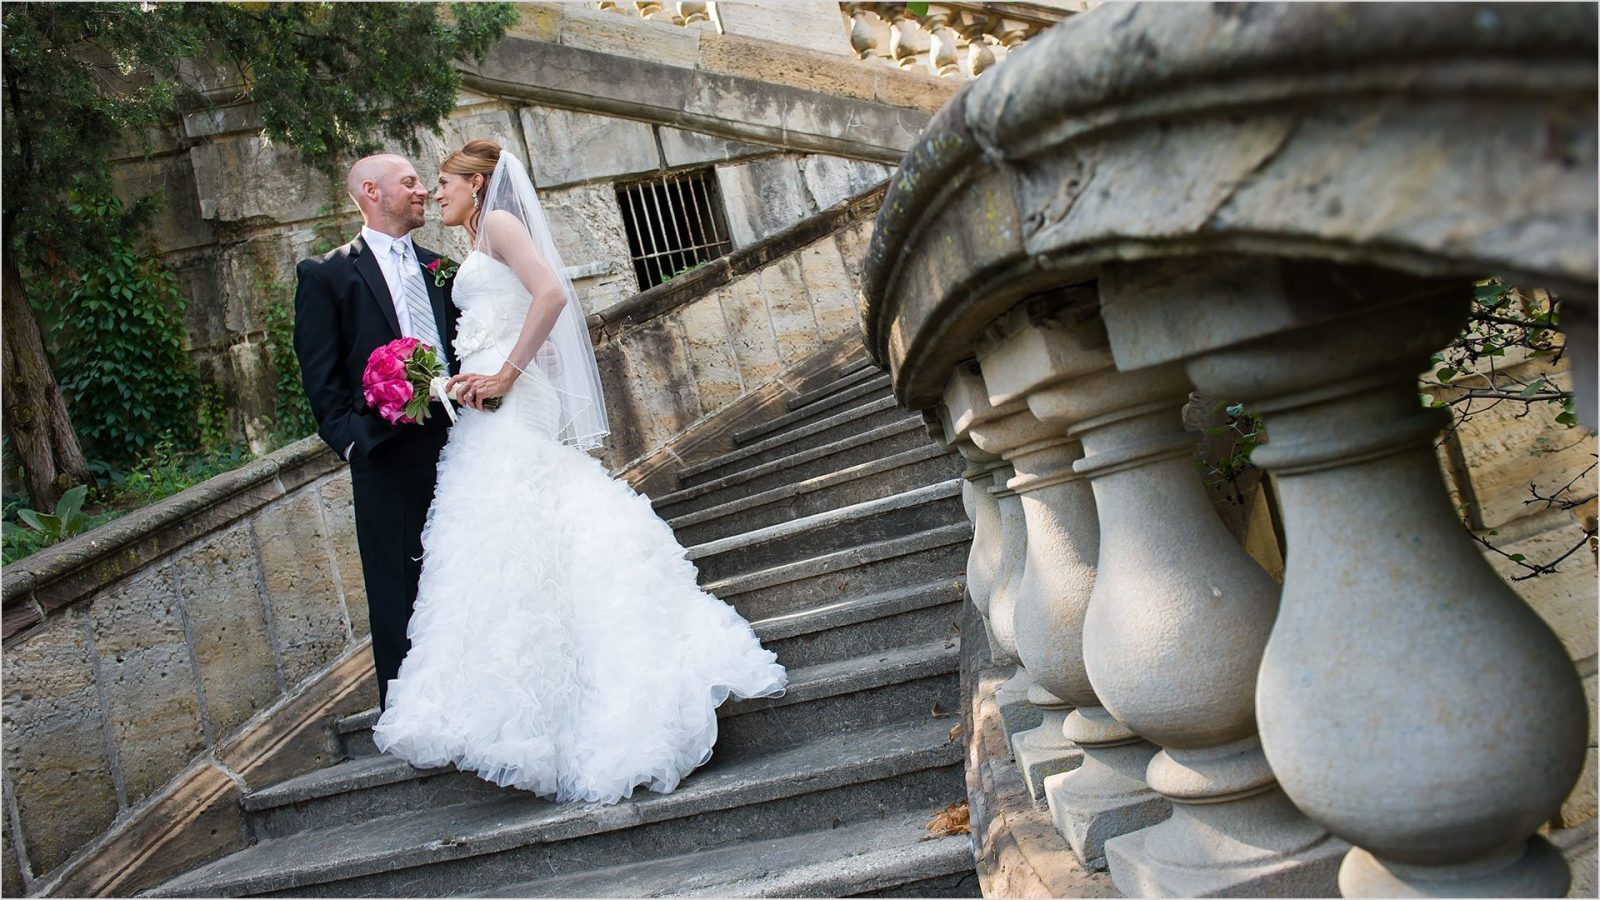 Dayton Art Insute Wedding Photographers Tina Chris